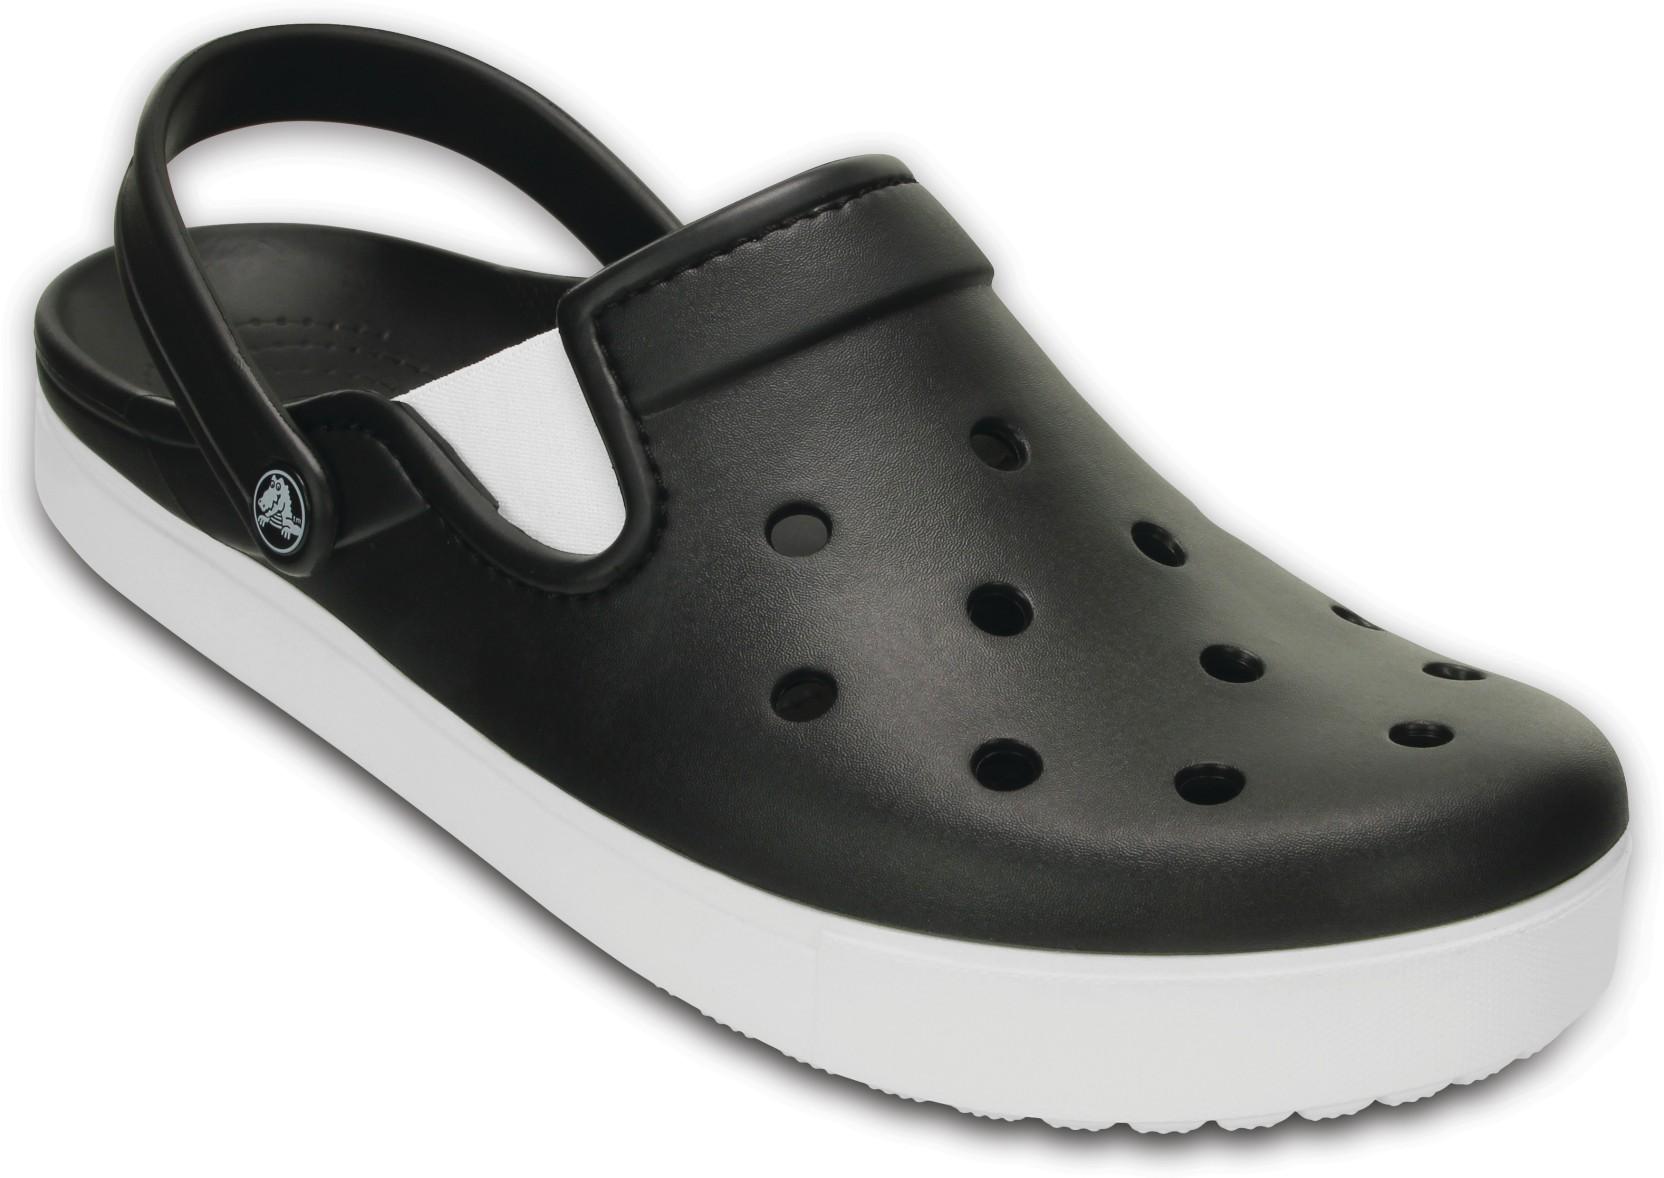 7e0d0d063d97 Crocs men black clogs buy color crocs men black clogs jpg 1664x1178 Crocs  foam machine